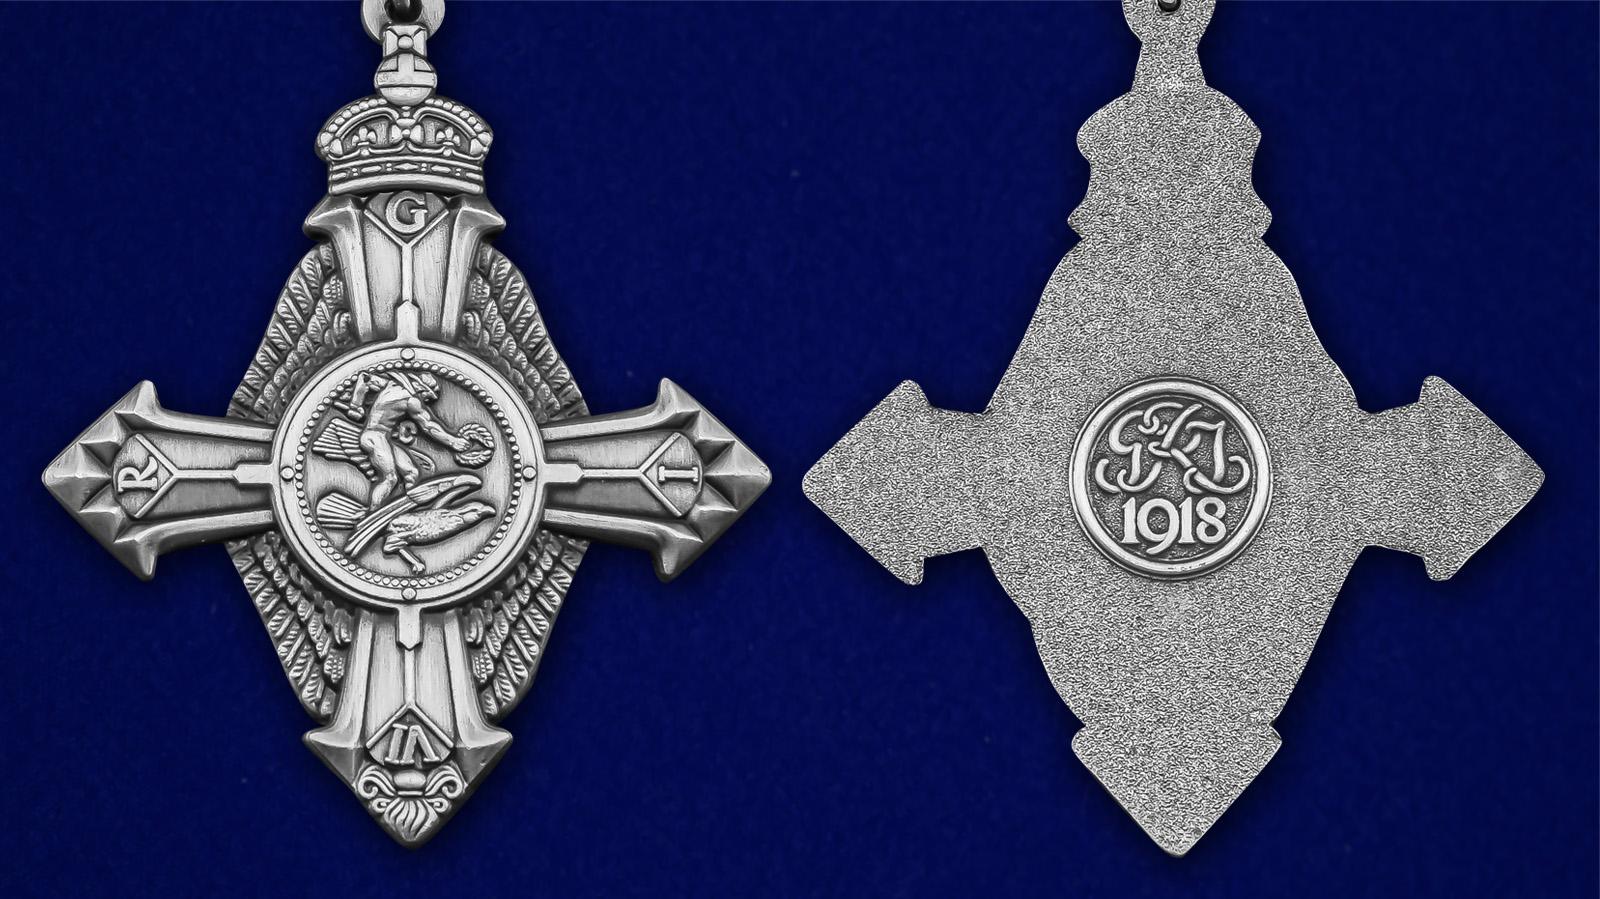 Крест ВВС (Великобритания) - аверс и реверс